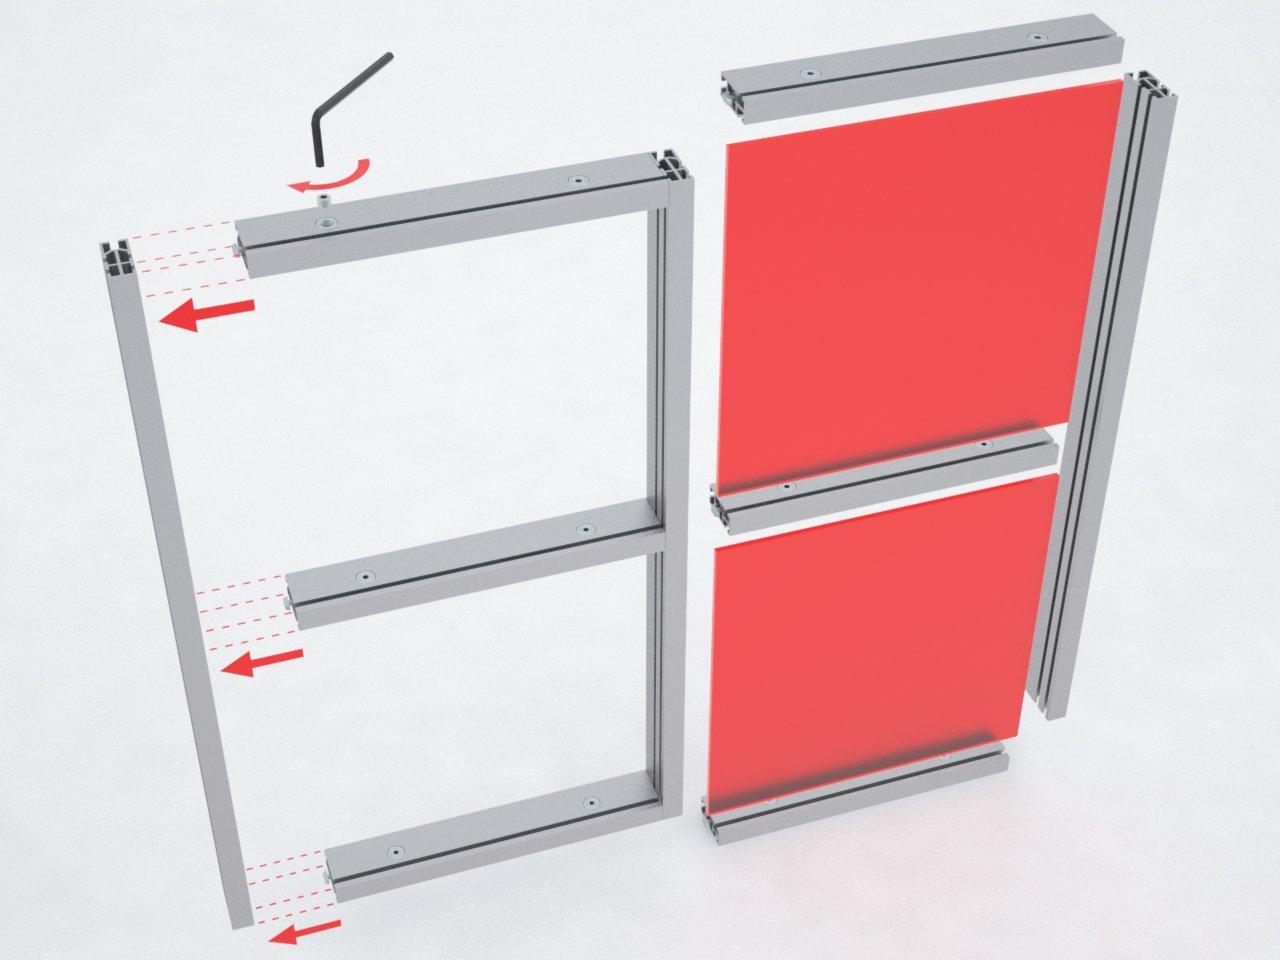 Exemplo de montagem dos perfis de alumínio T450 e T460 para formar estruturas para stands, lojas e divisórias